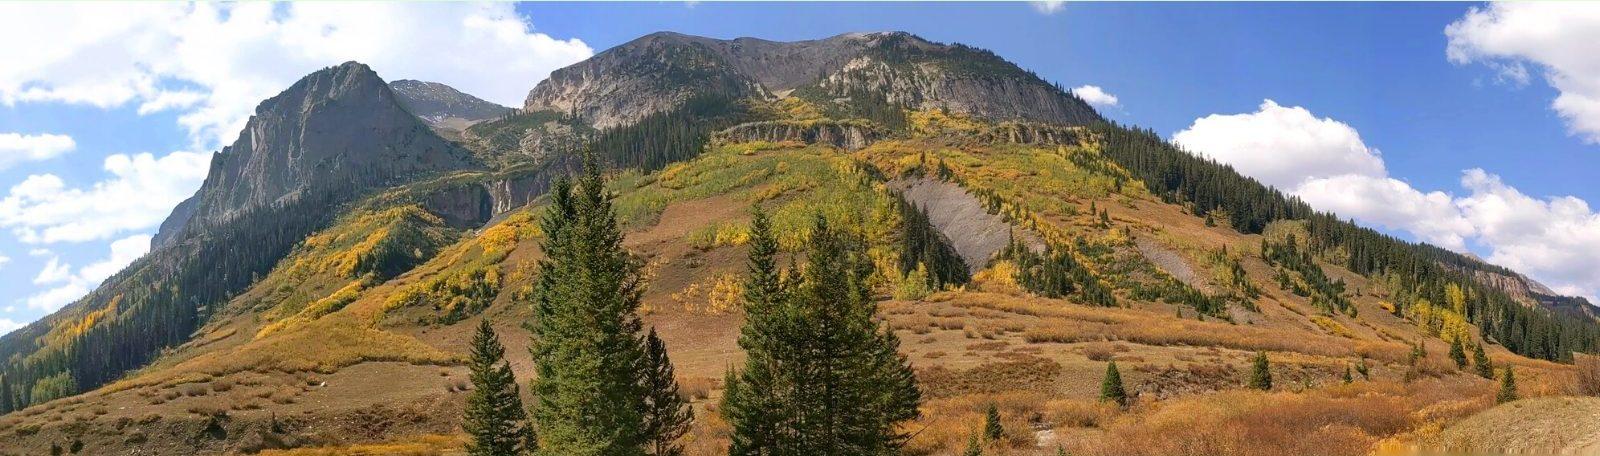 green mountain website banner 1600x600